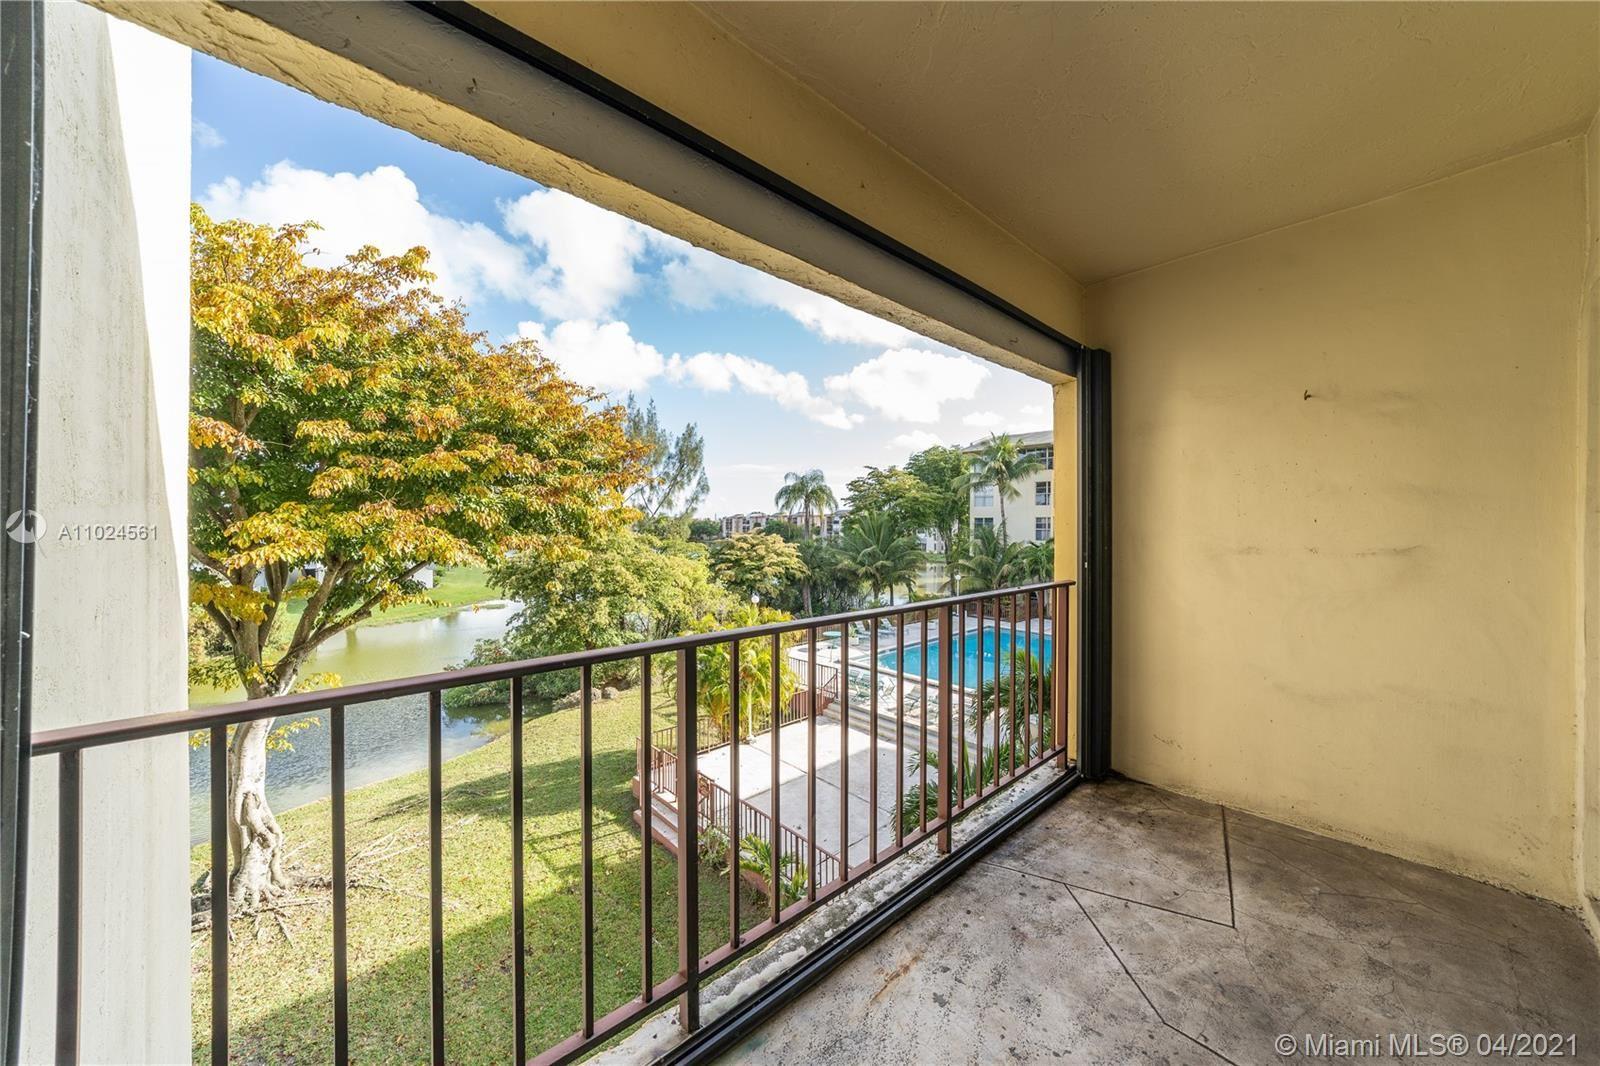 8775 Park Blvd #309, Miami, FL 33172 - #: A11024561